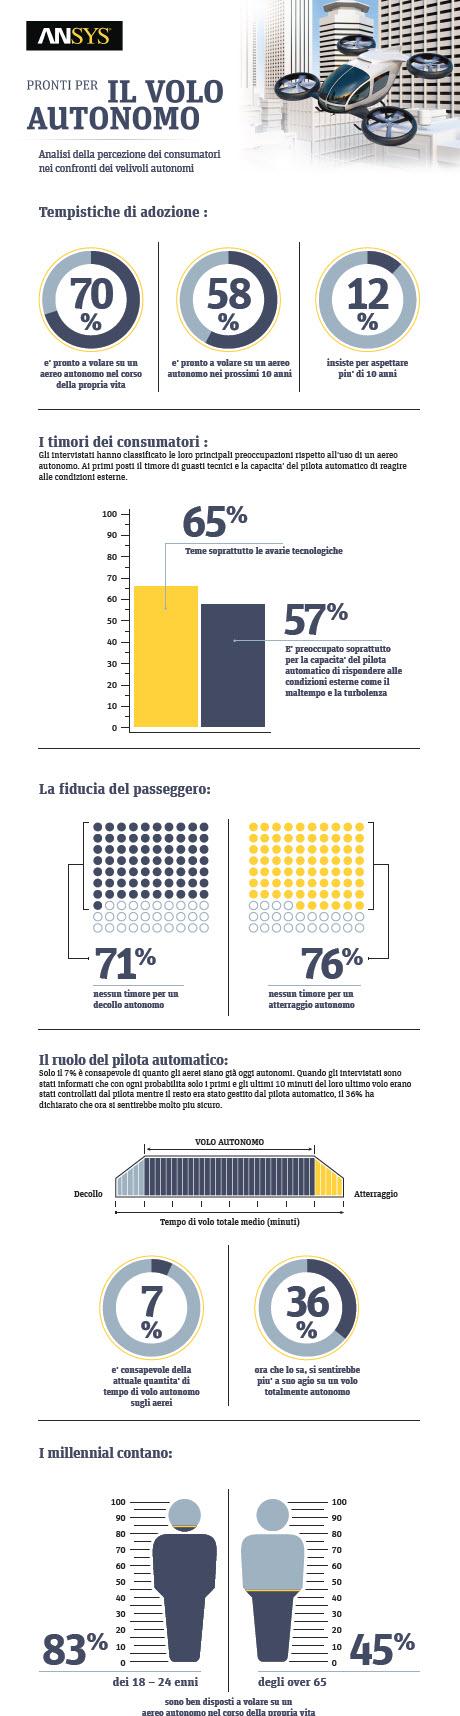 Infografica Ansys - La percezione del pubblico sui voli autonomi